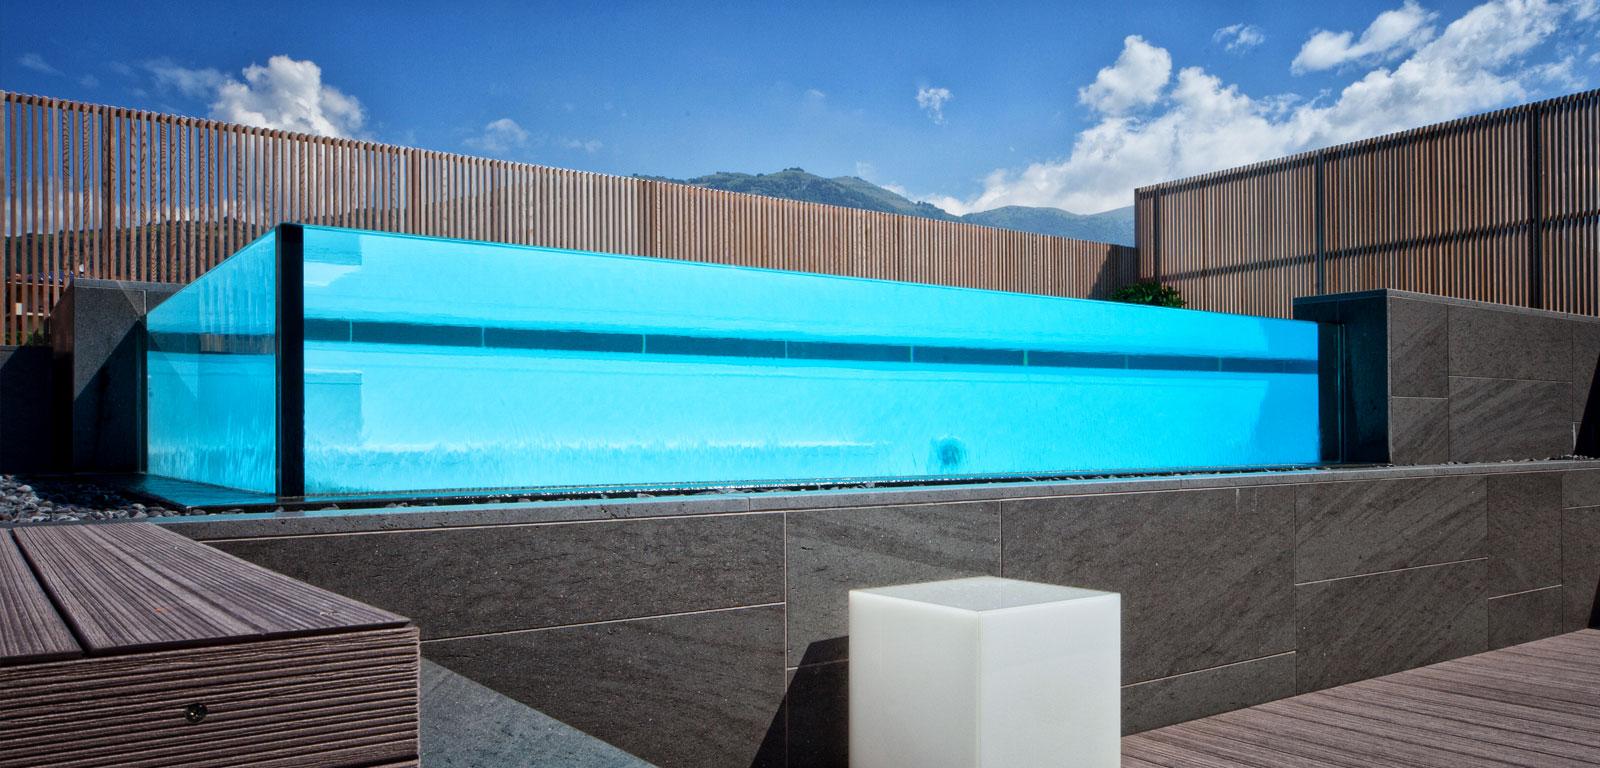 Sfioro crystal piscine castiglione - Piscina gonfiabile 2 metri ...